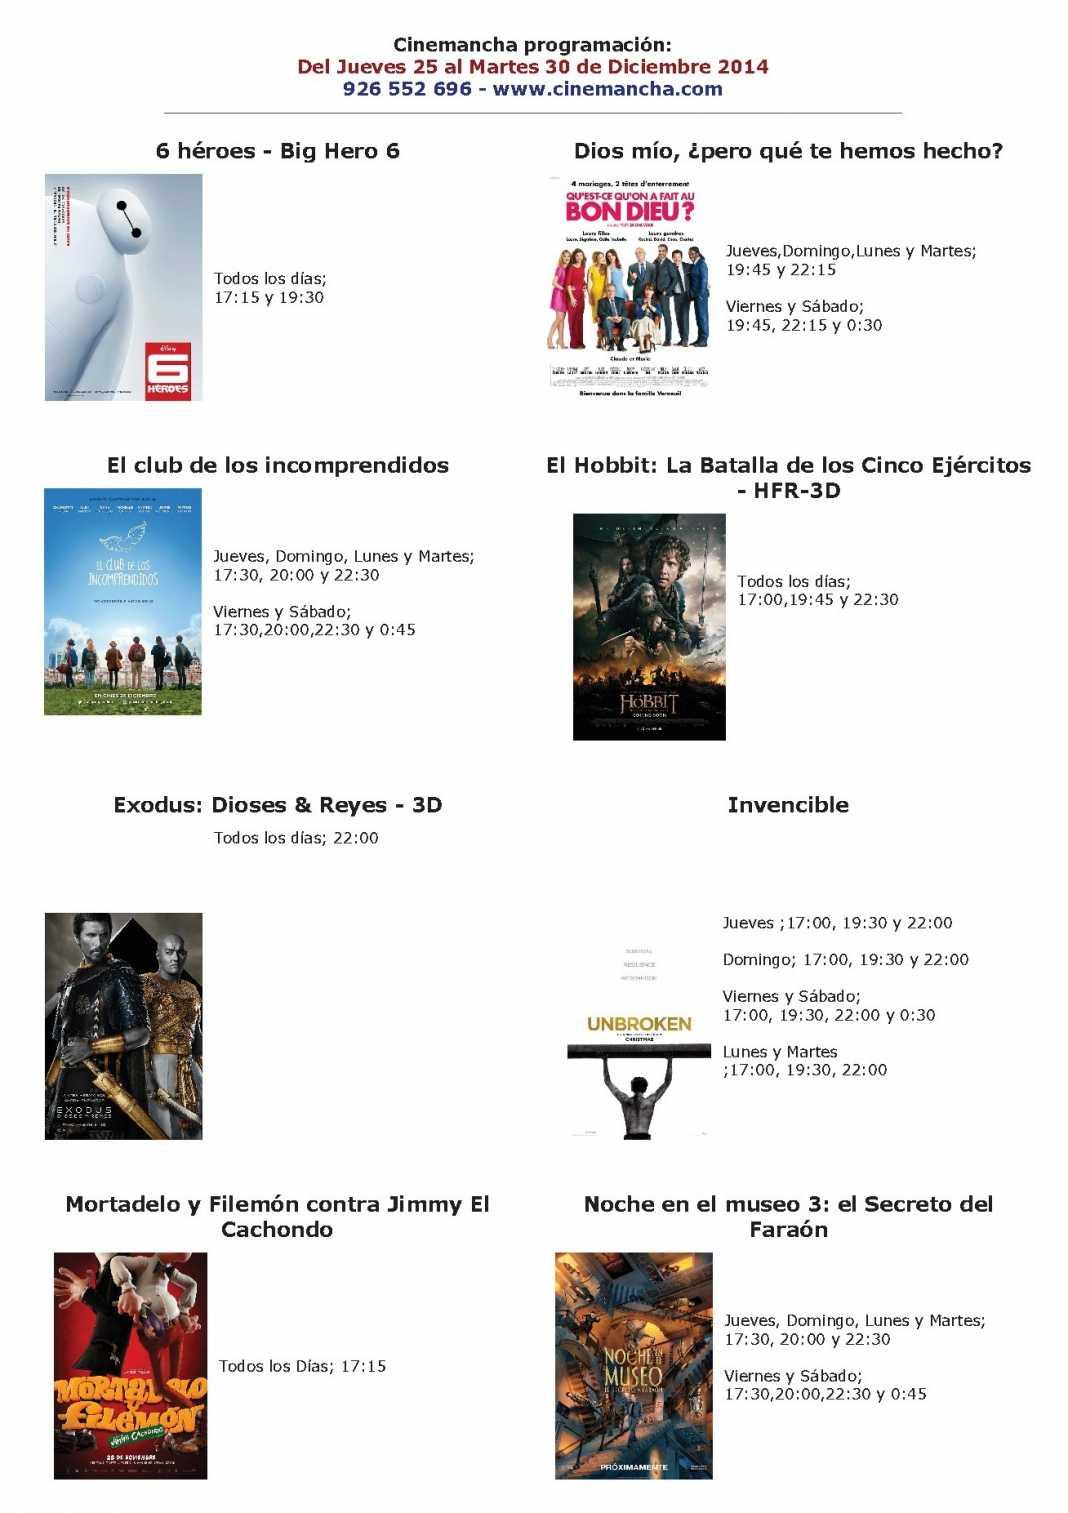 cartelera de cinemancha del 25 al 30 de diciembre 1068x1513 - Cartelera Cinemancha del 25 al 30 de diciembre